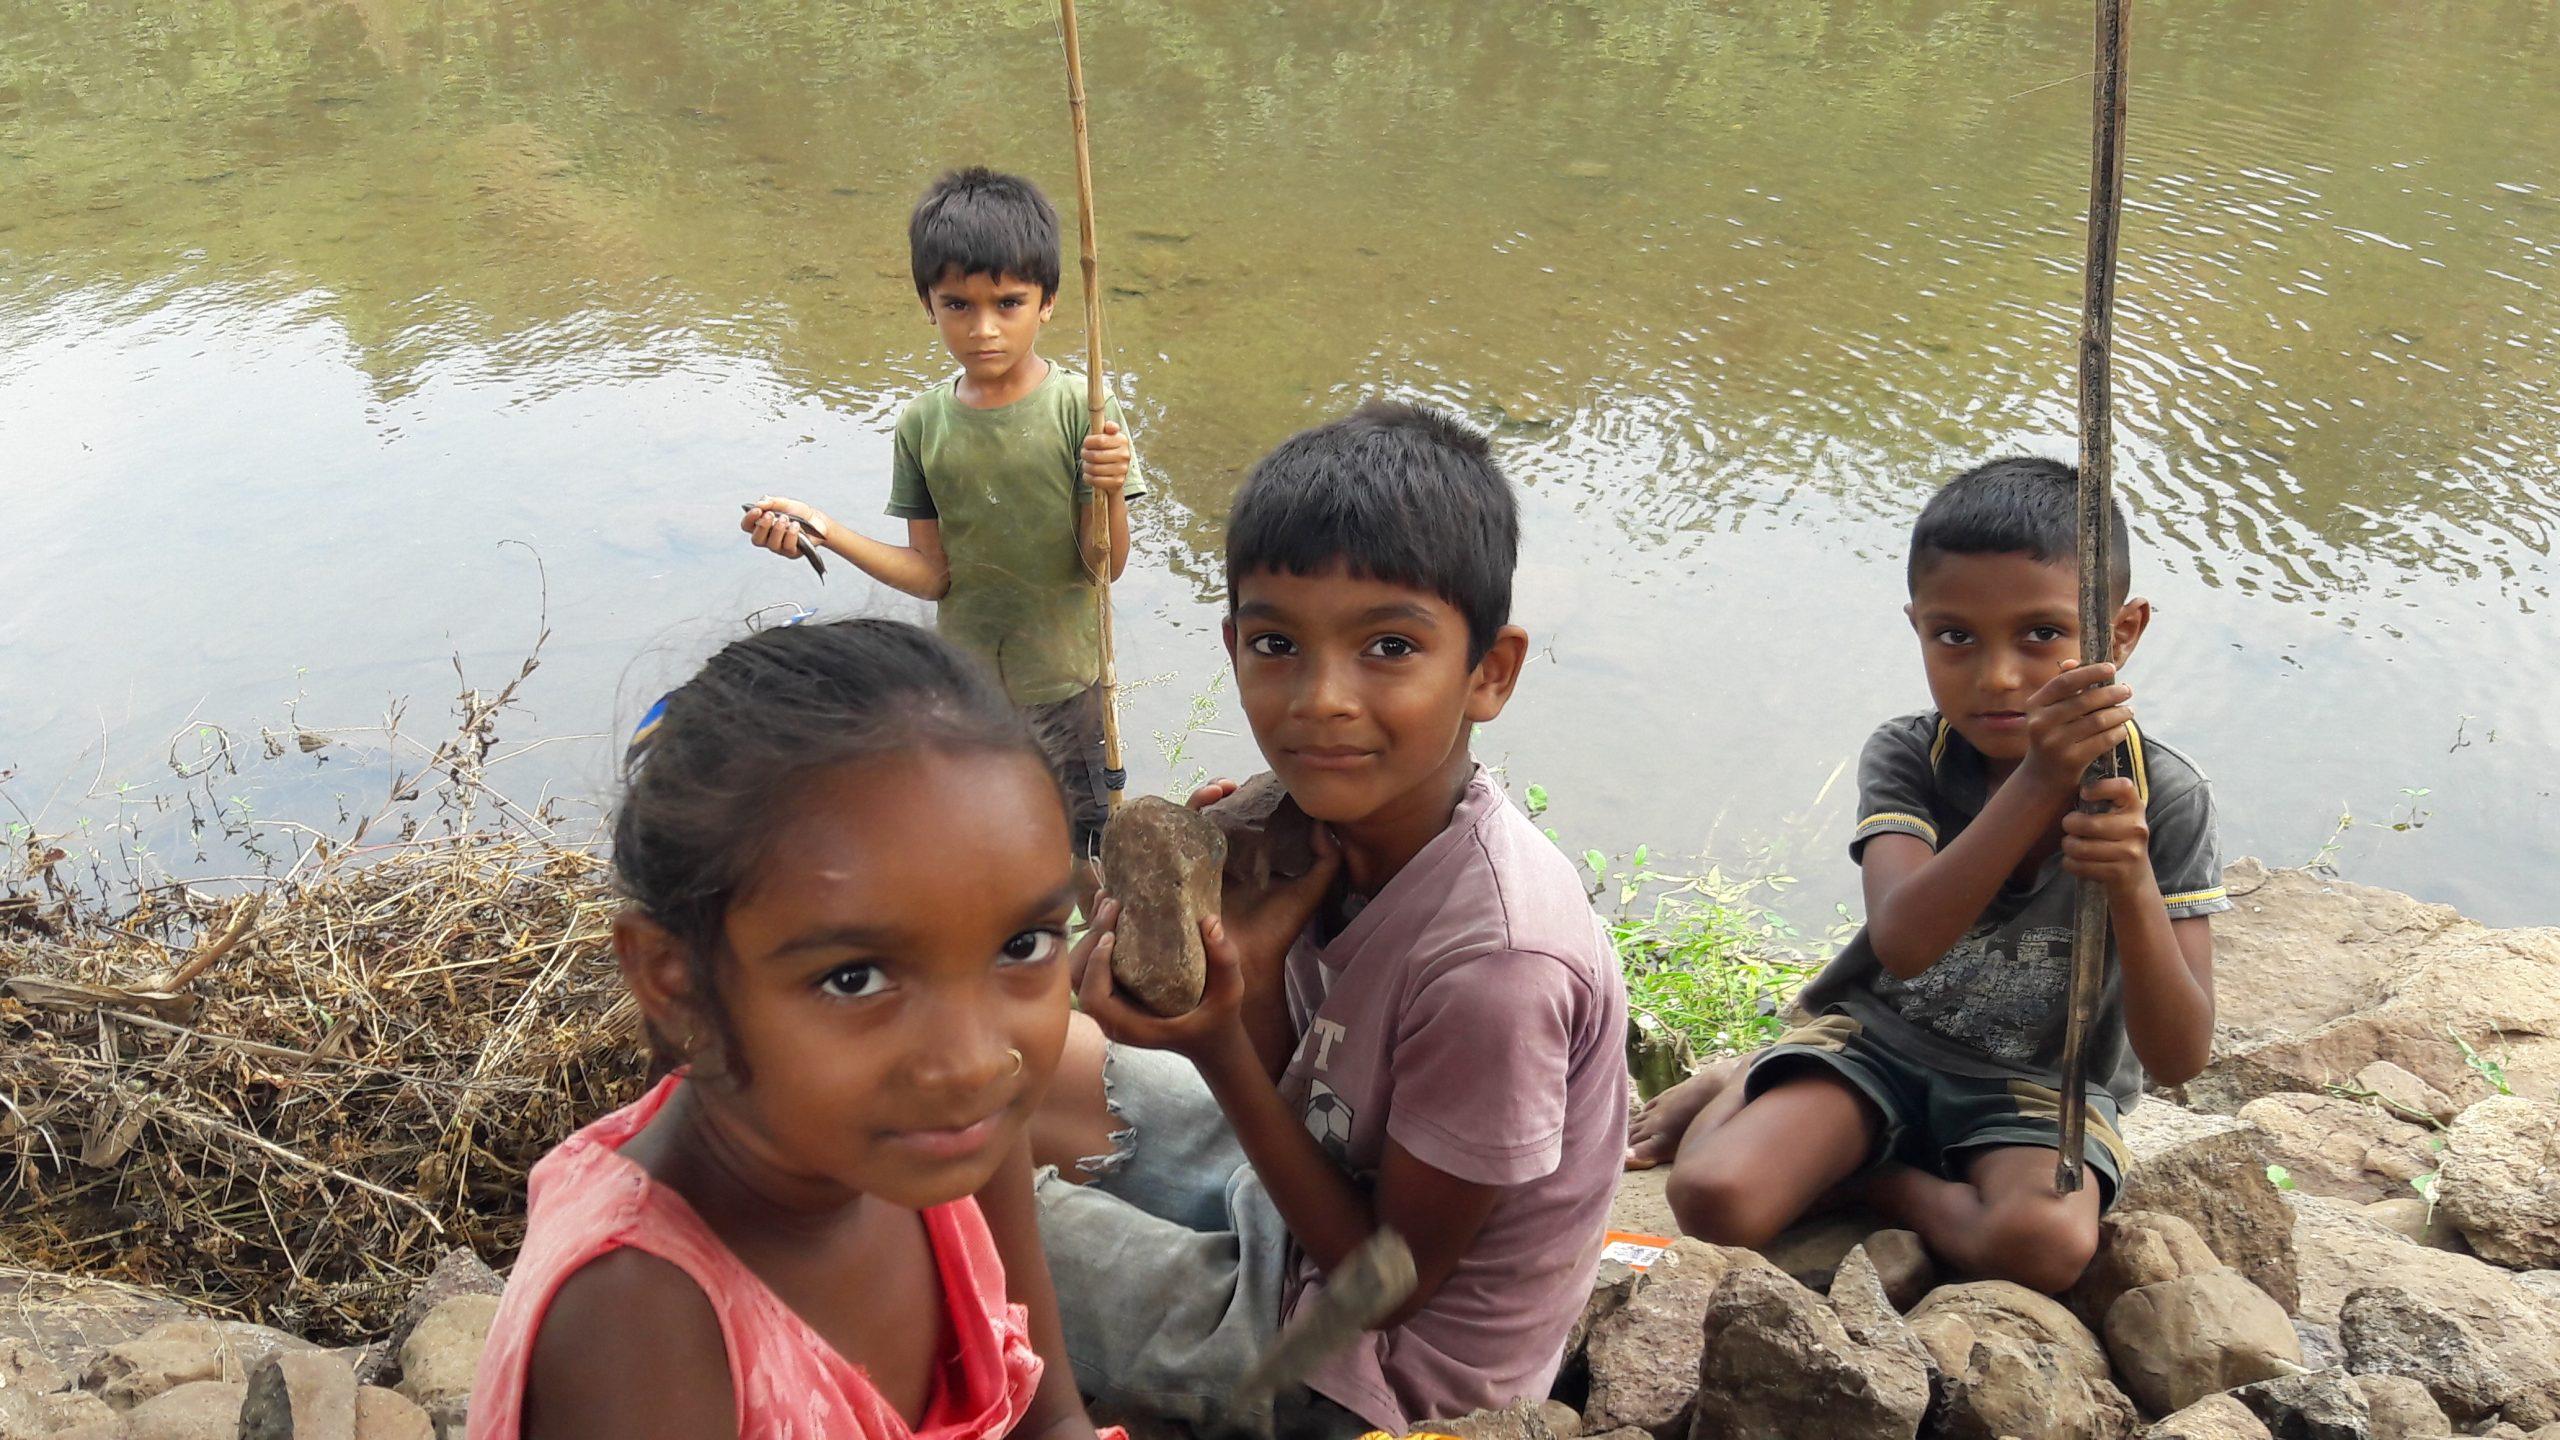 A village children near a lake